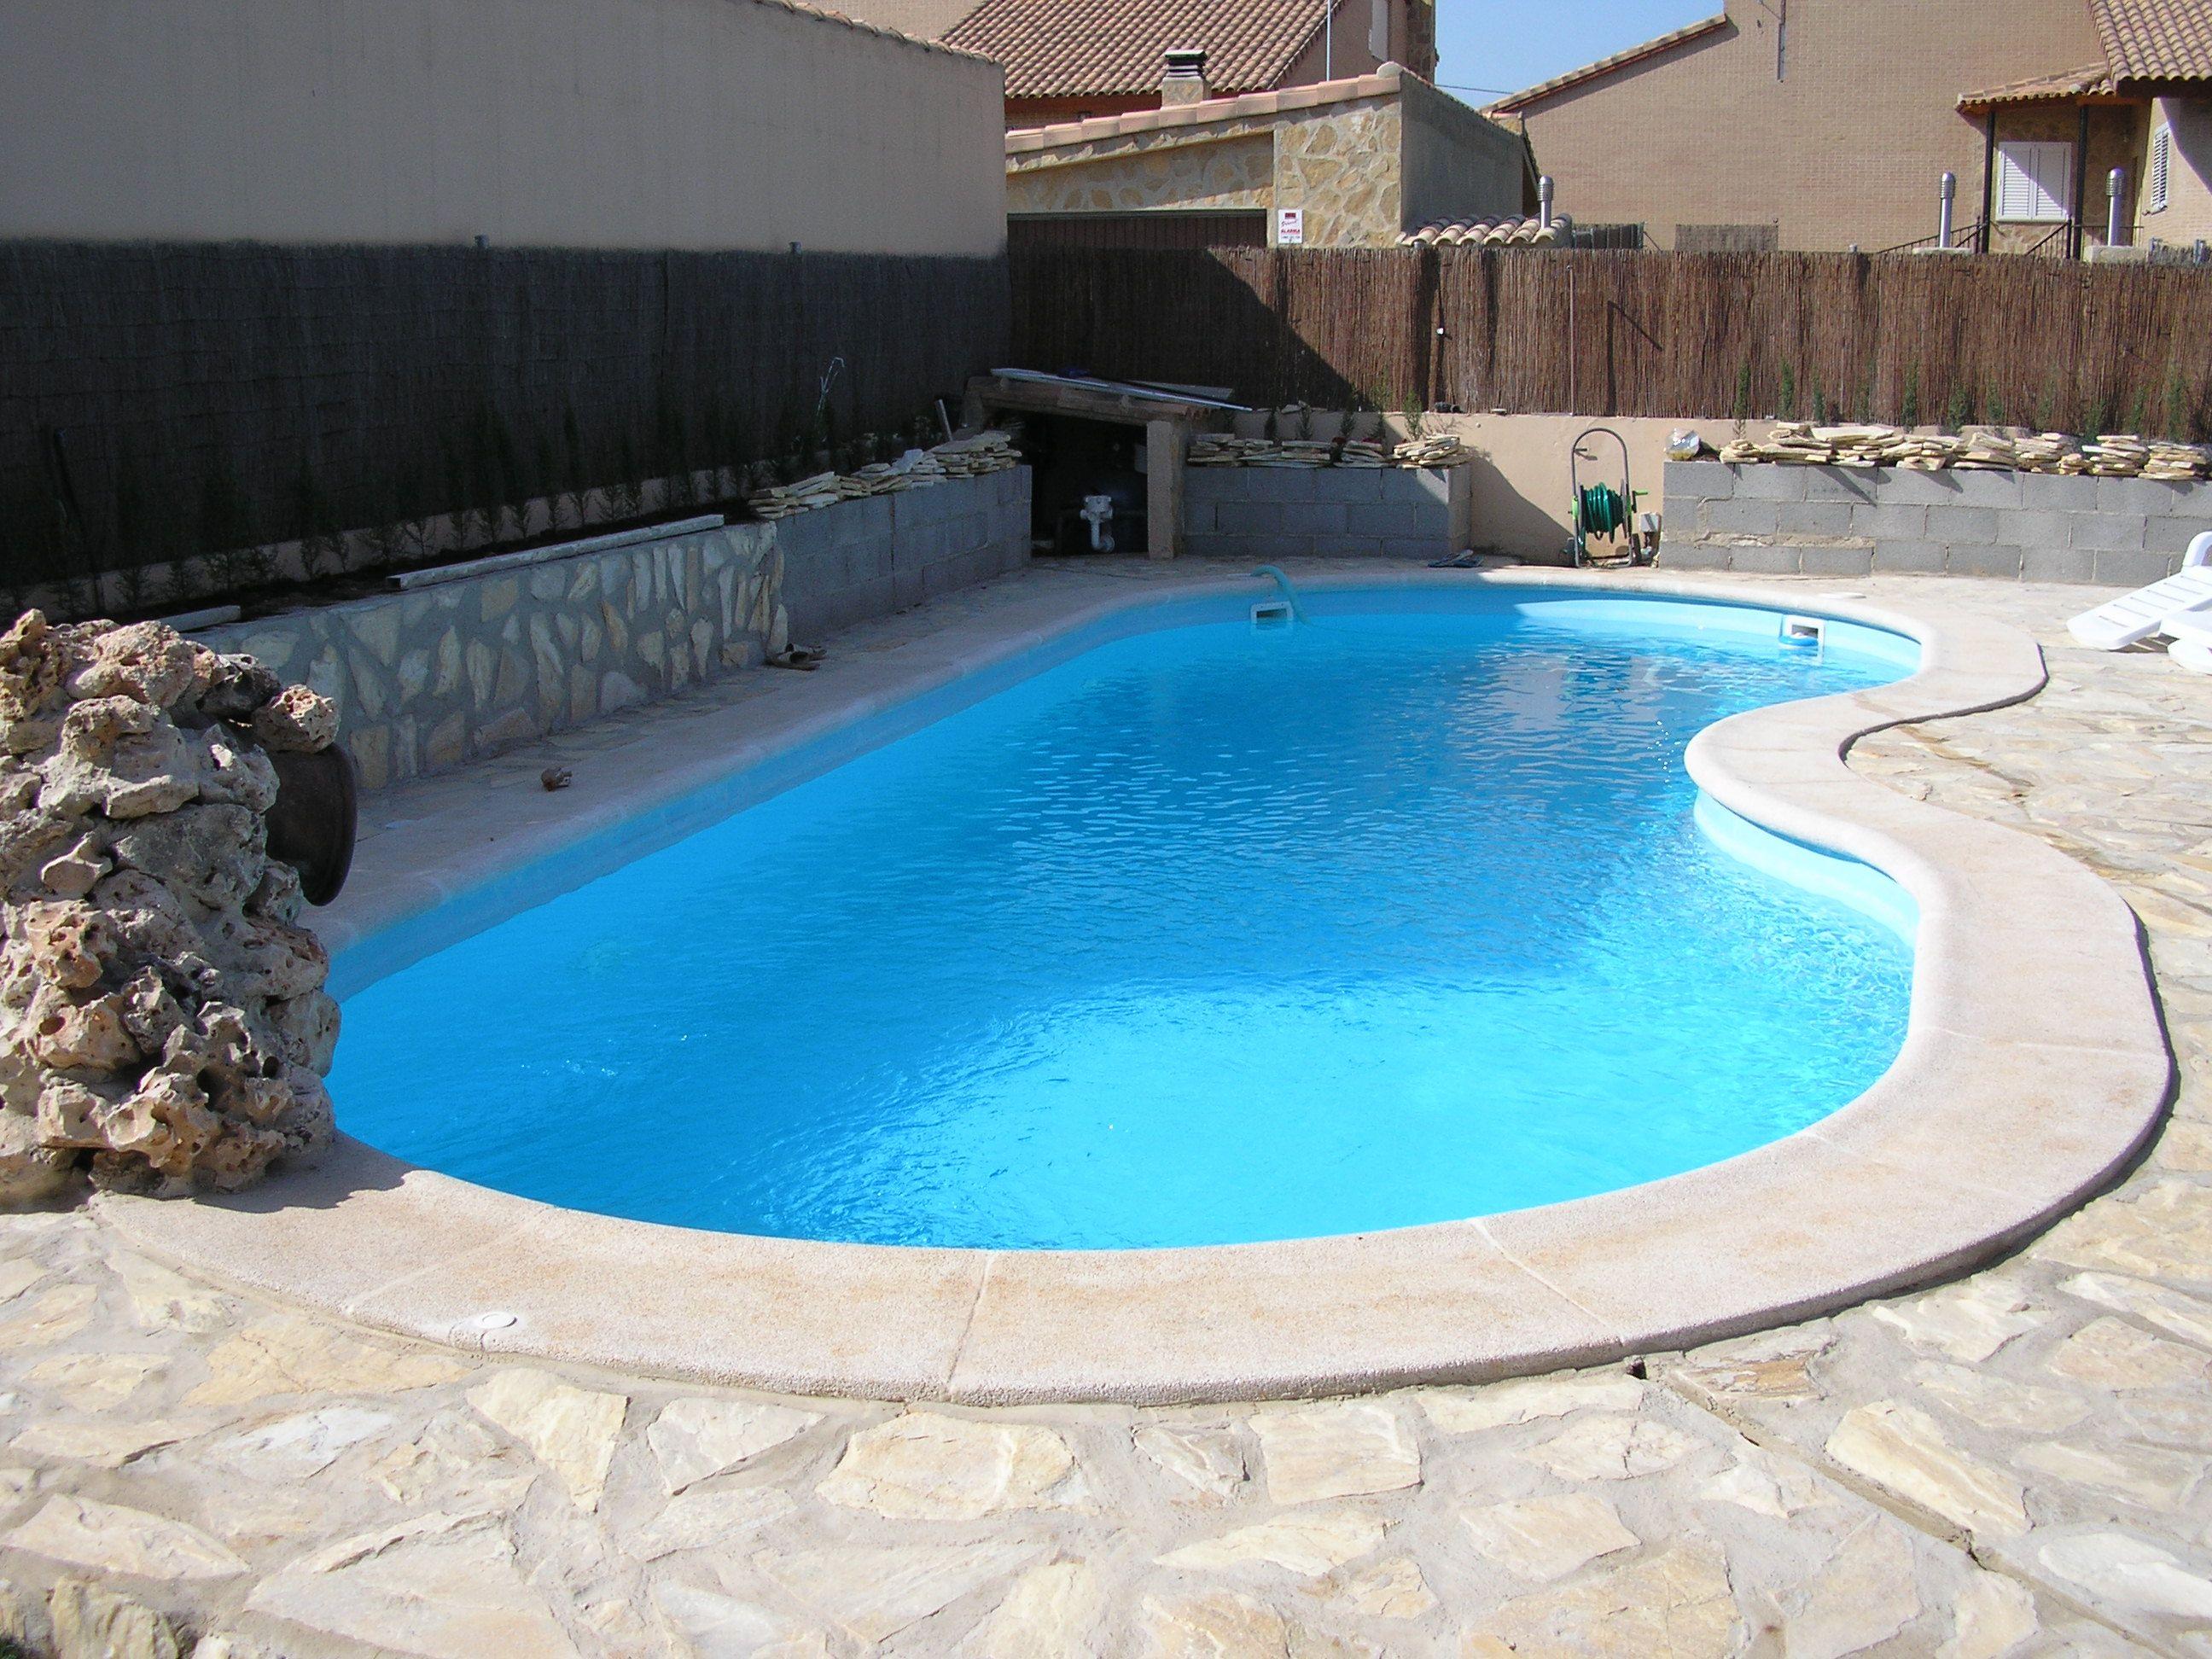 Piscina de poli ster piscinas Pinterest